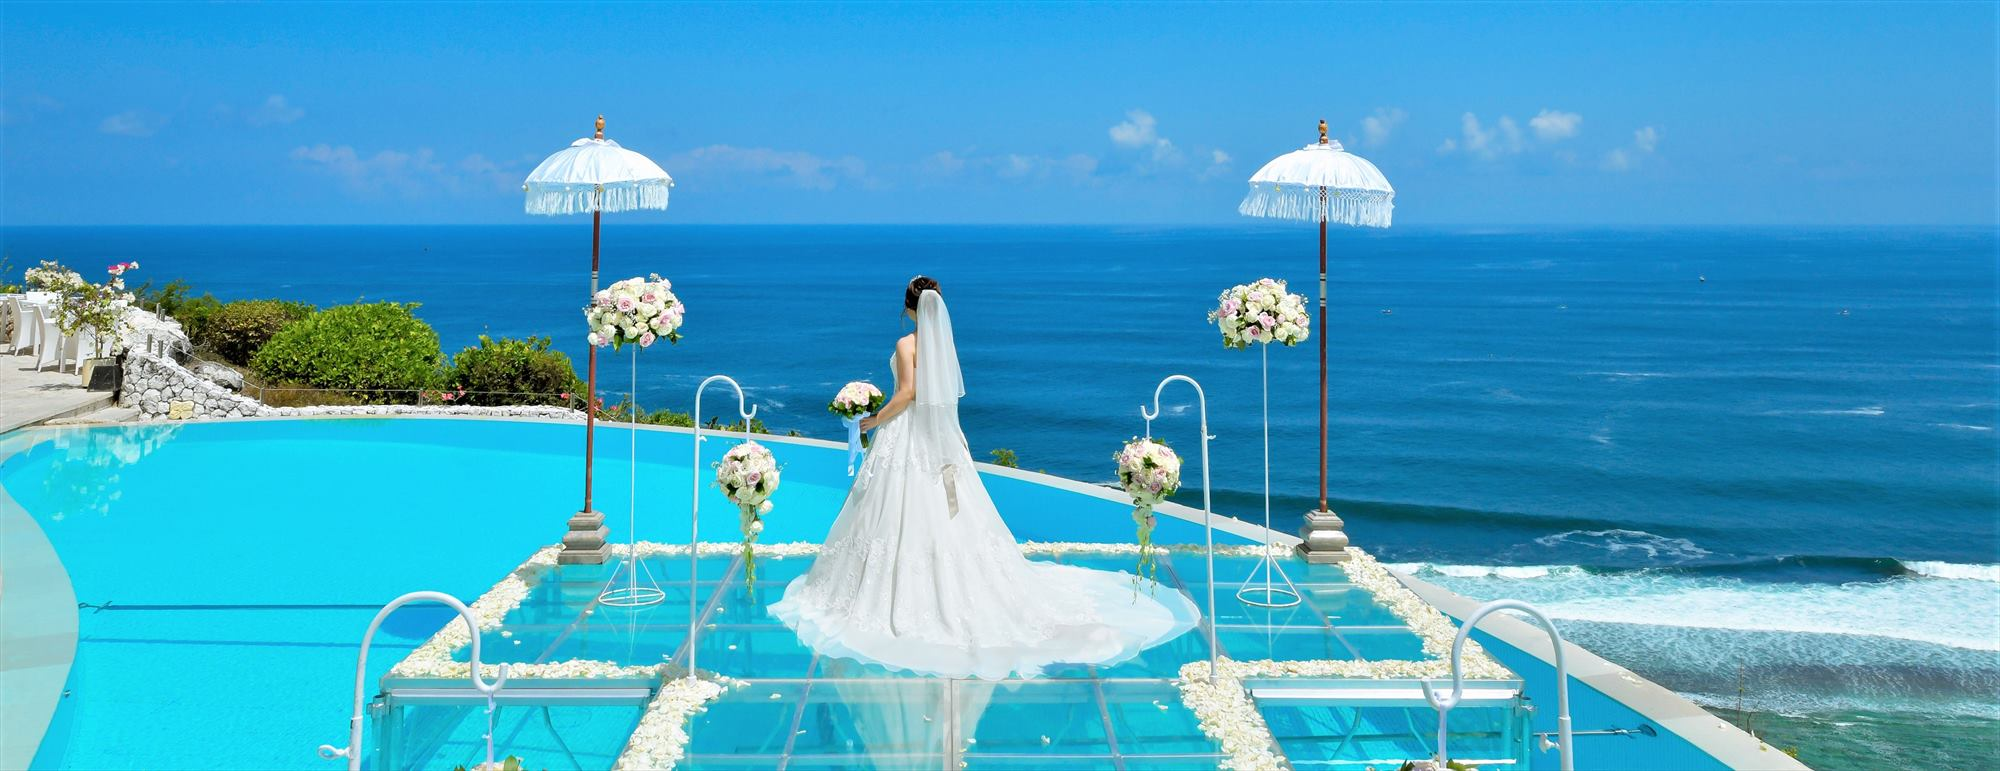 バリ島オーシャン・ウェディング カルマ・カンダラ ウォーター挙式 Karma Kandara Water Wedding